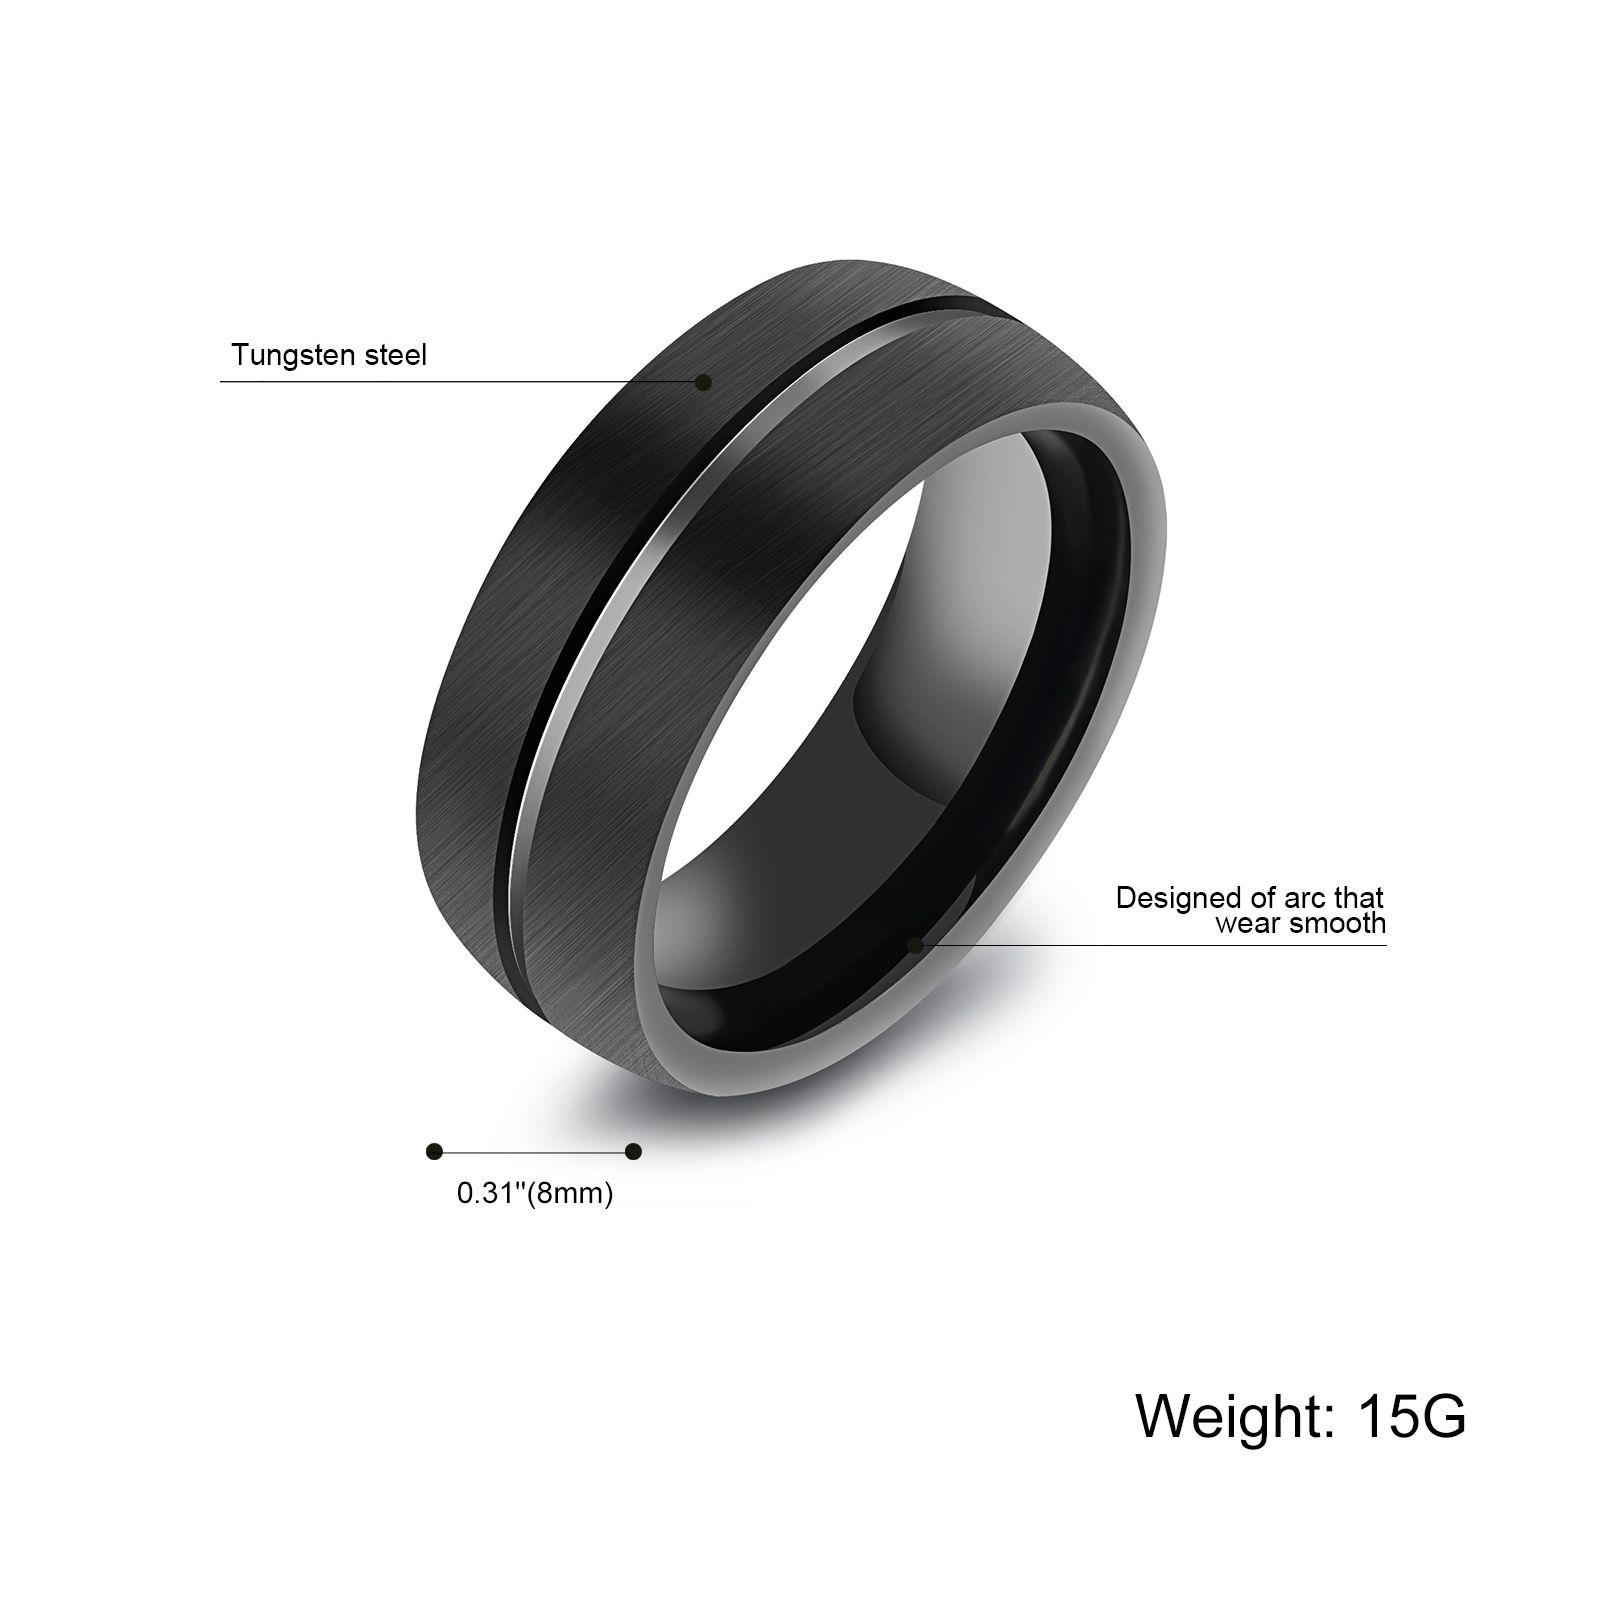 Moda Siyah erkek 8mm Klasik Düz-Top Fırçalanmış Merkezi Tungsten Çelik Yüzük Oluklu Düğün Nişan Grubu Erkekler Için Boyutu 8-11